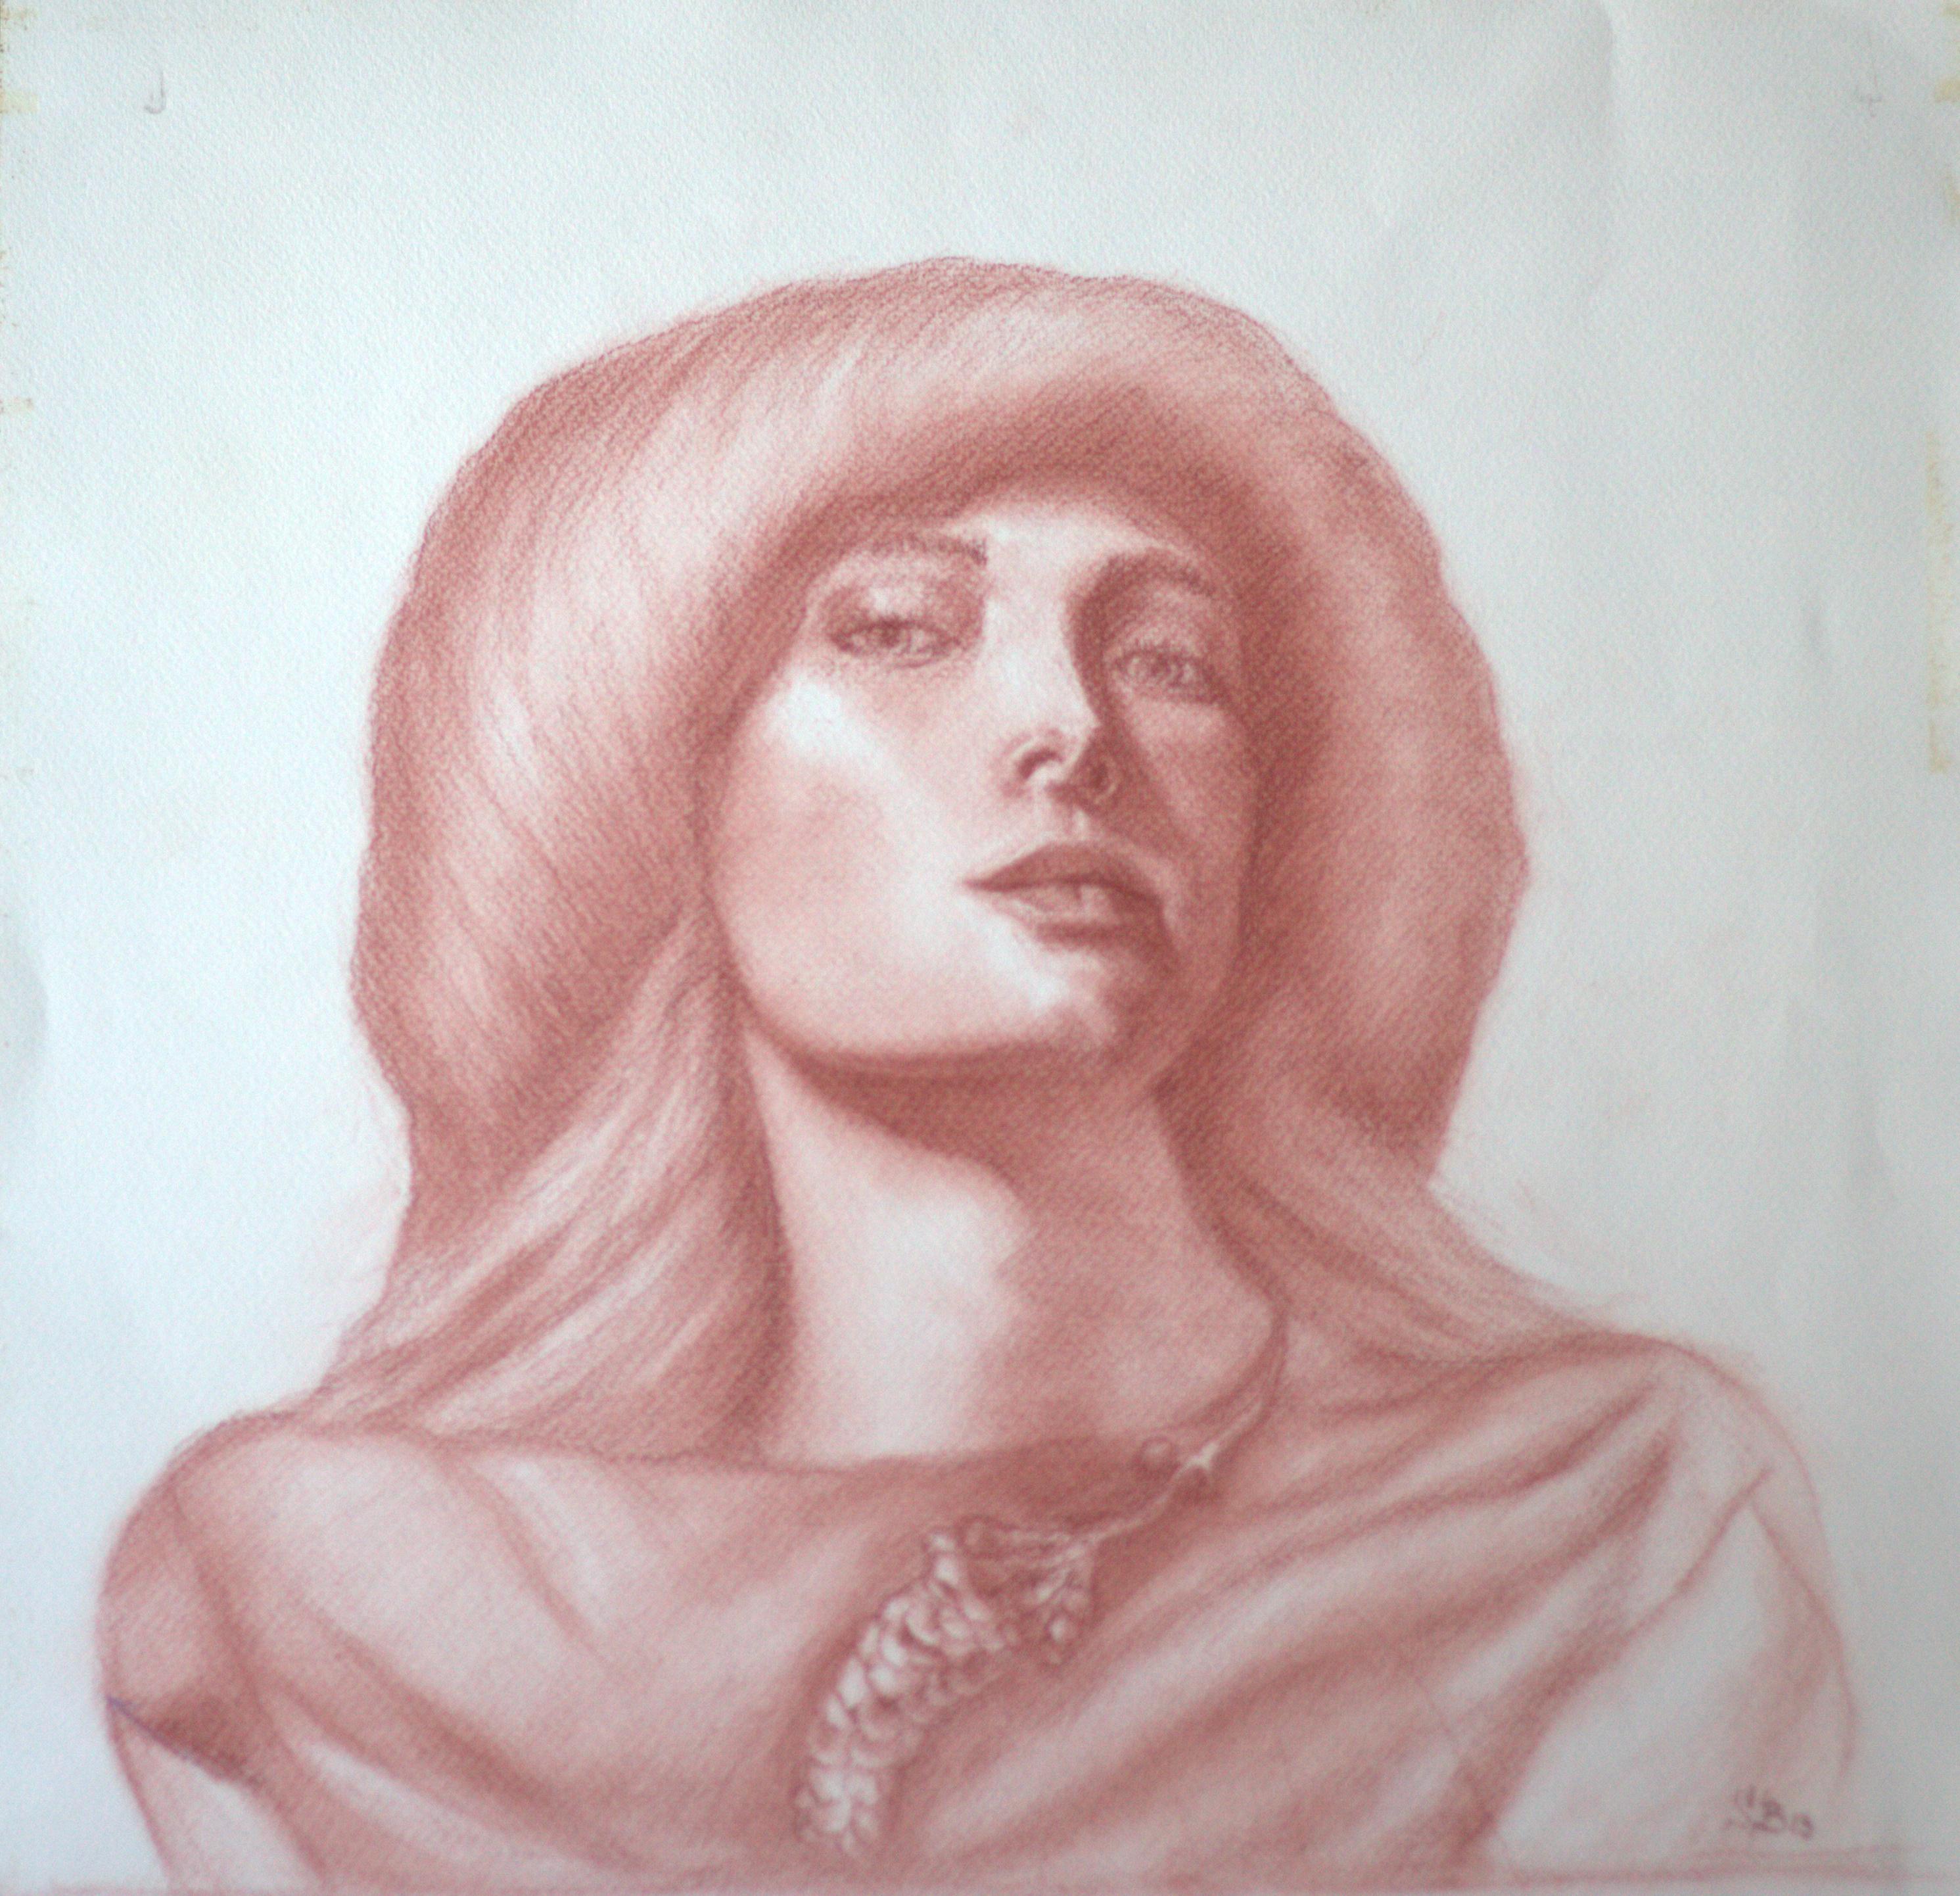 Alexandra georgiana din bucuresti - 4 3